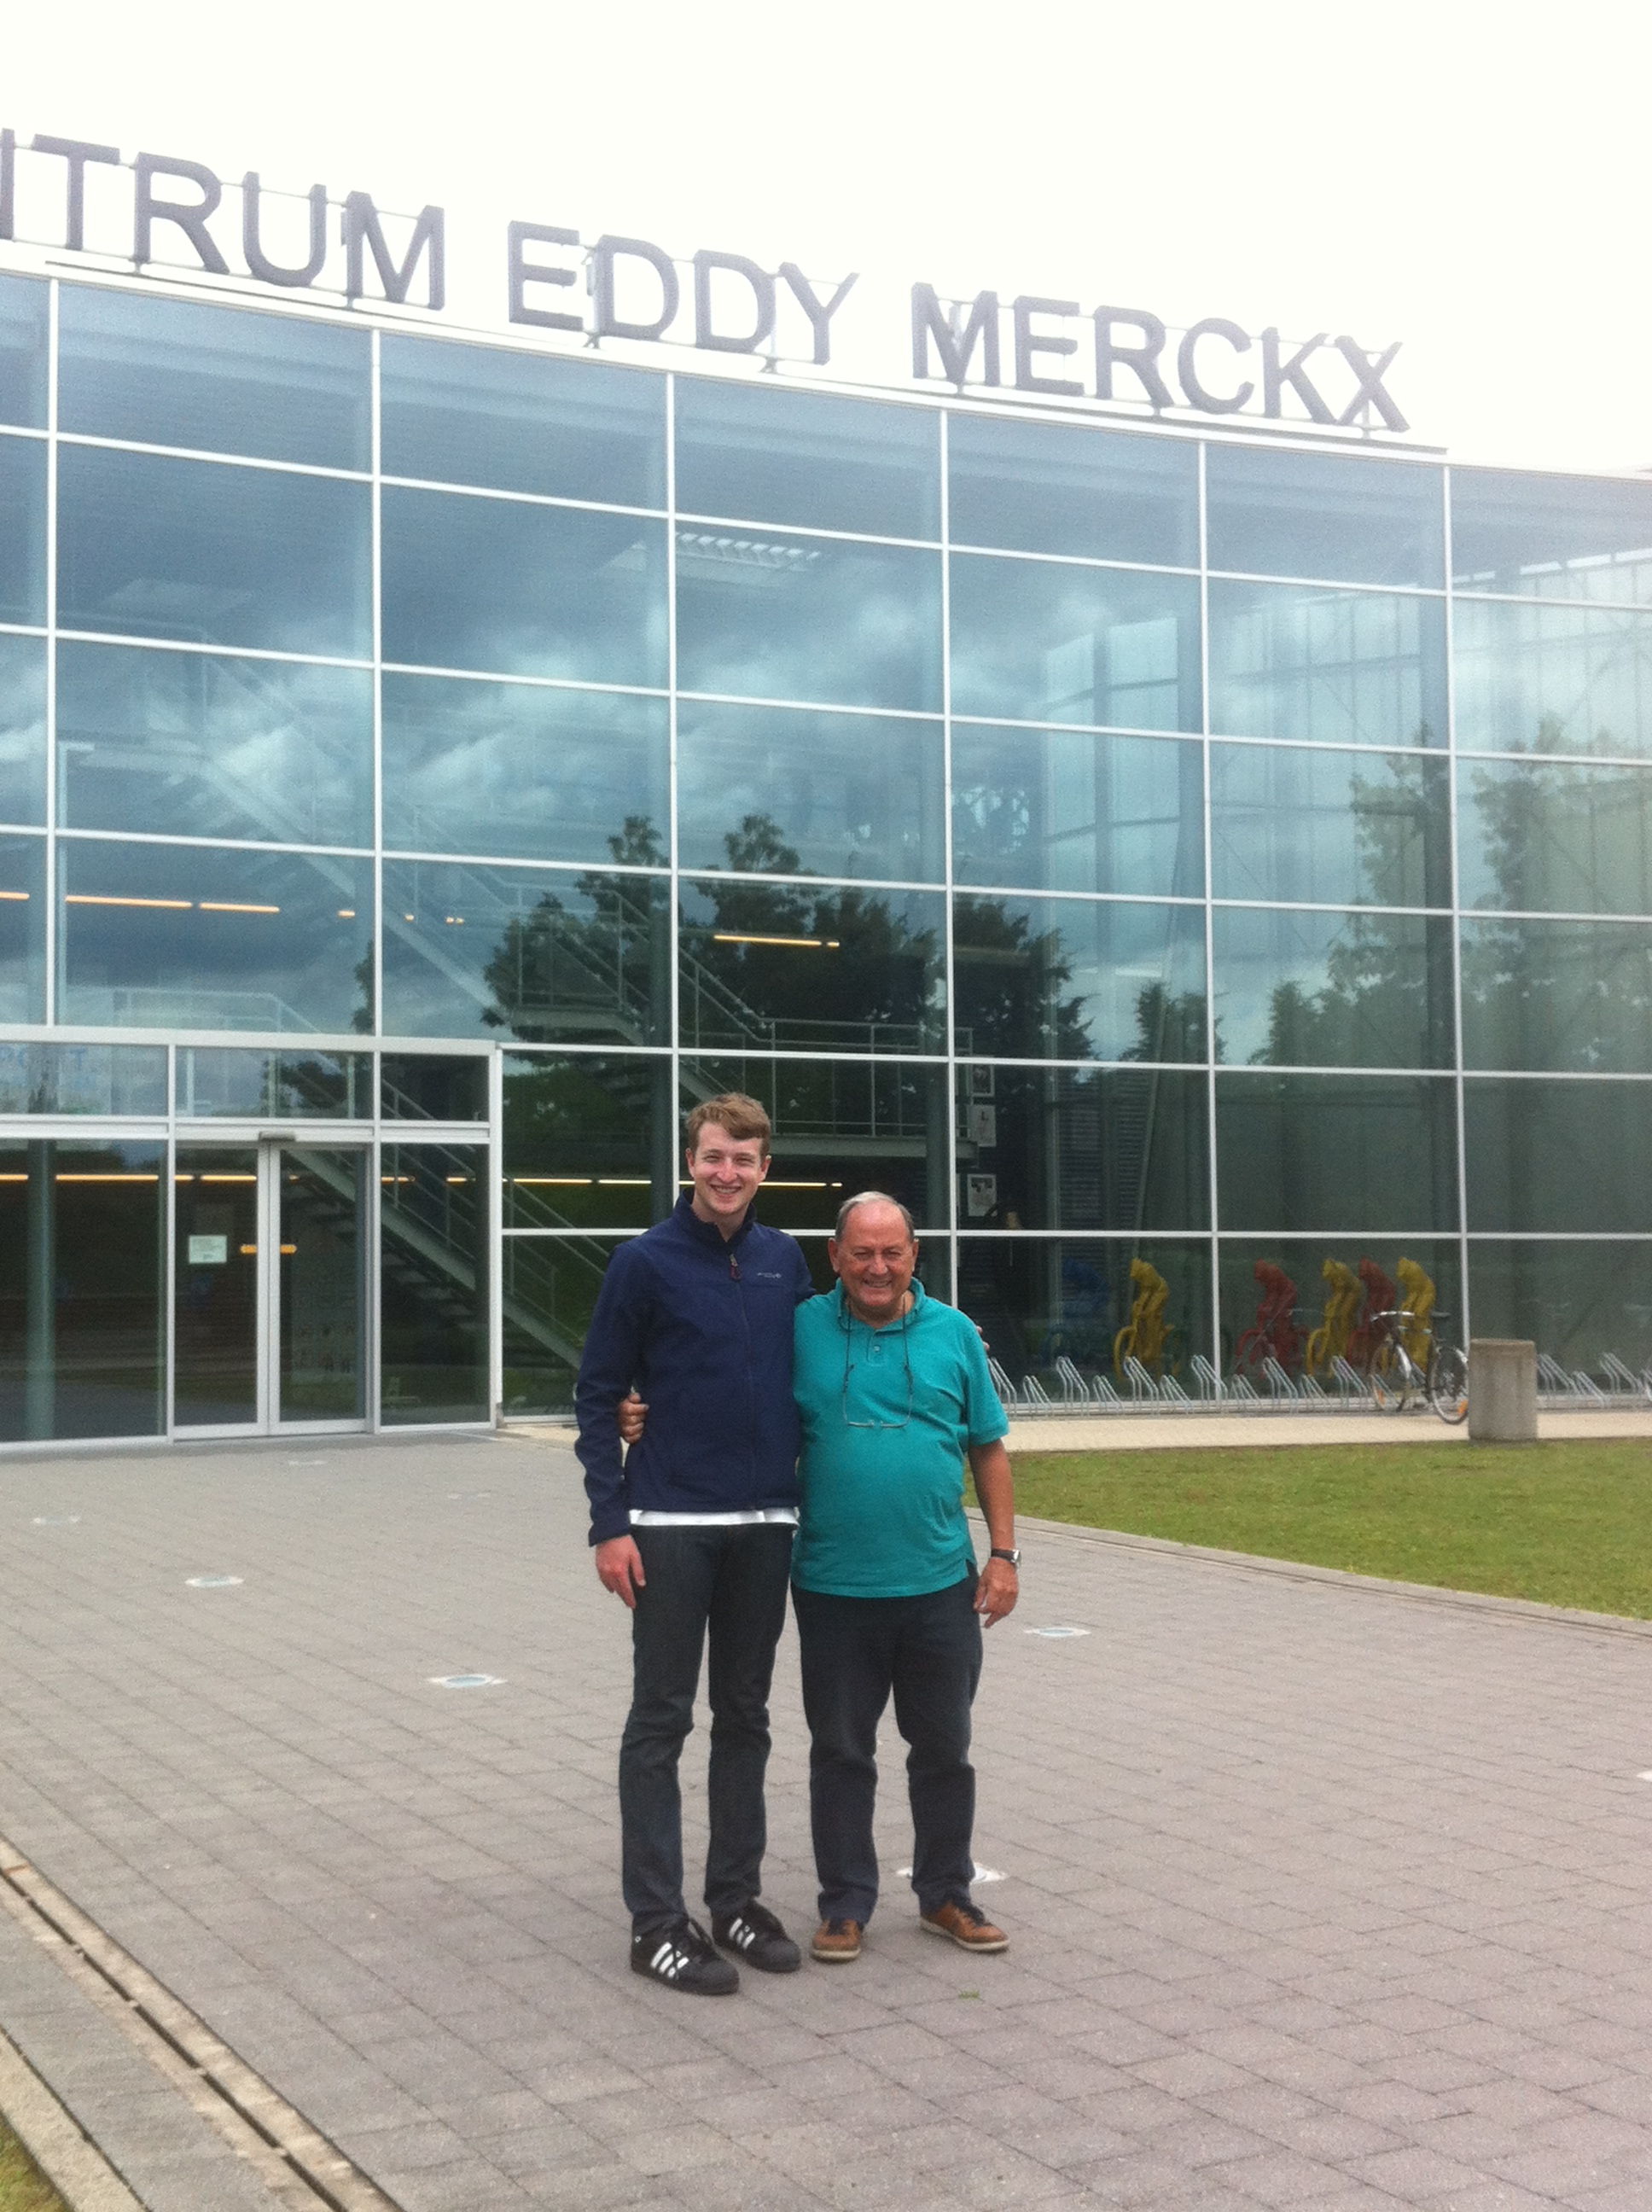 Eddy Merckx Velodrome in Ghent